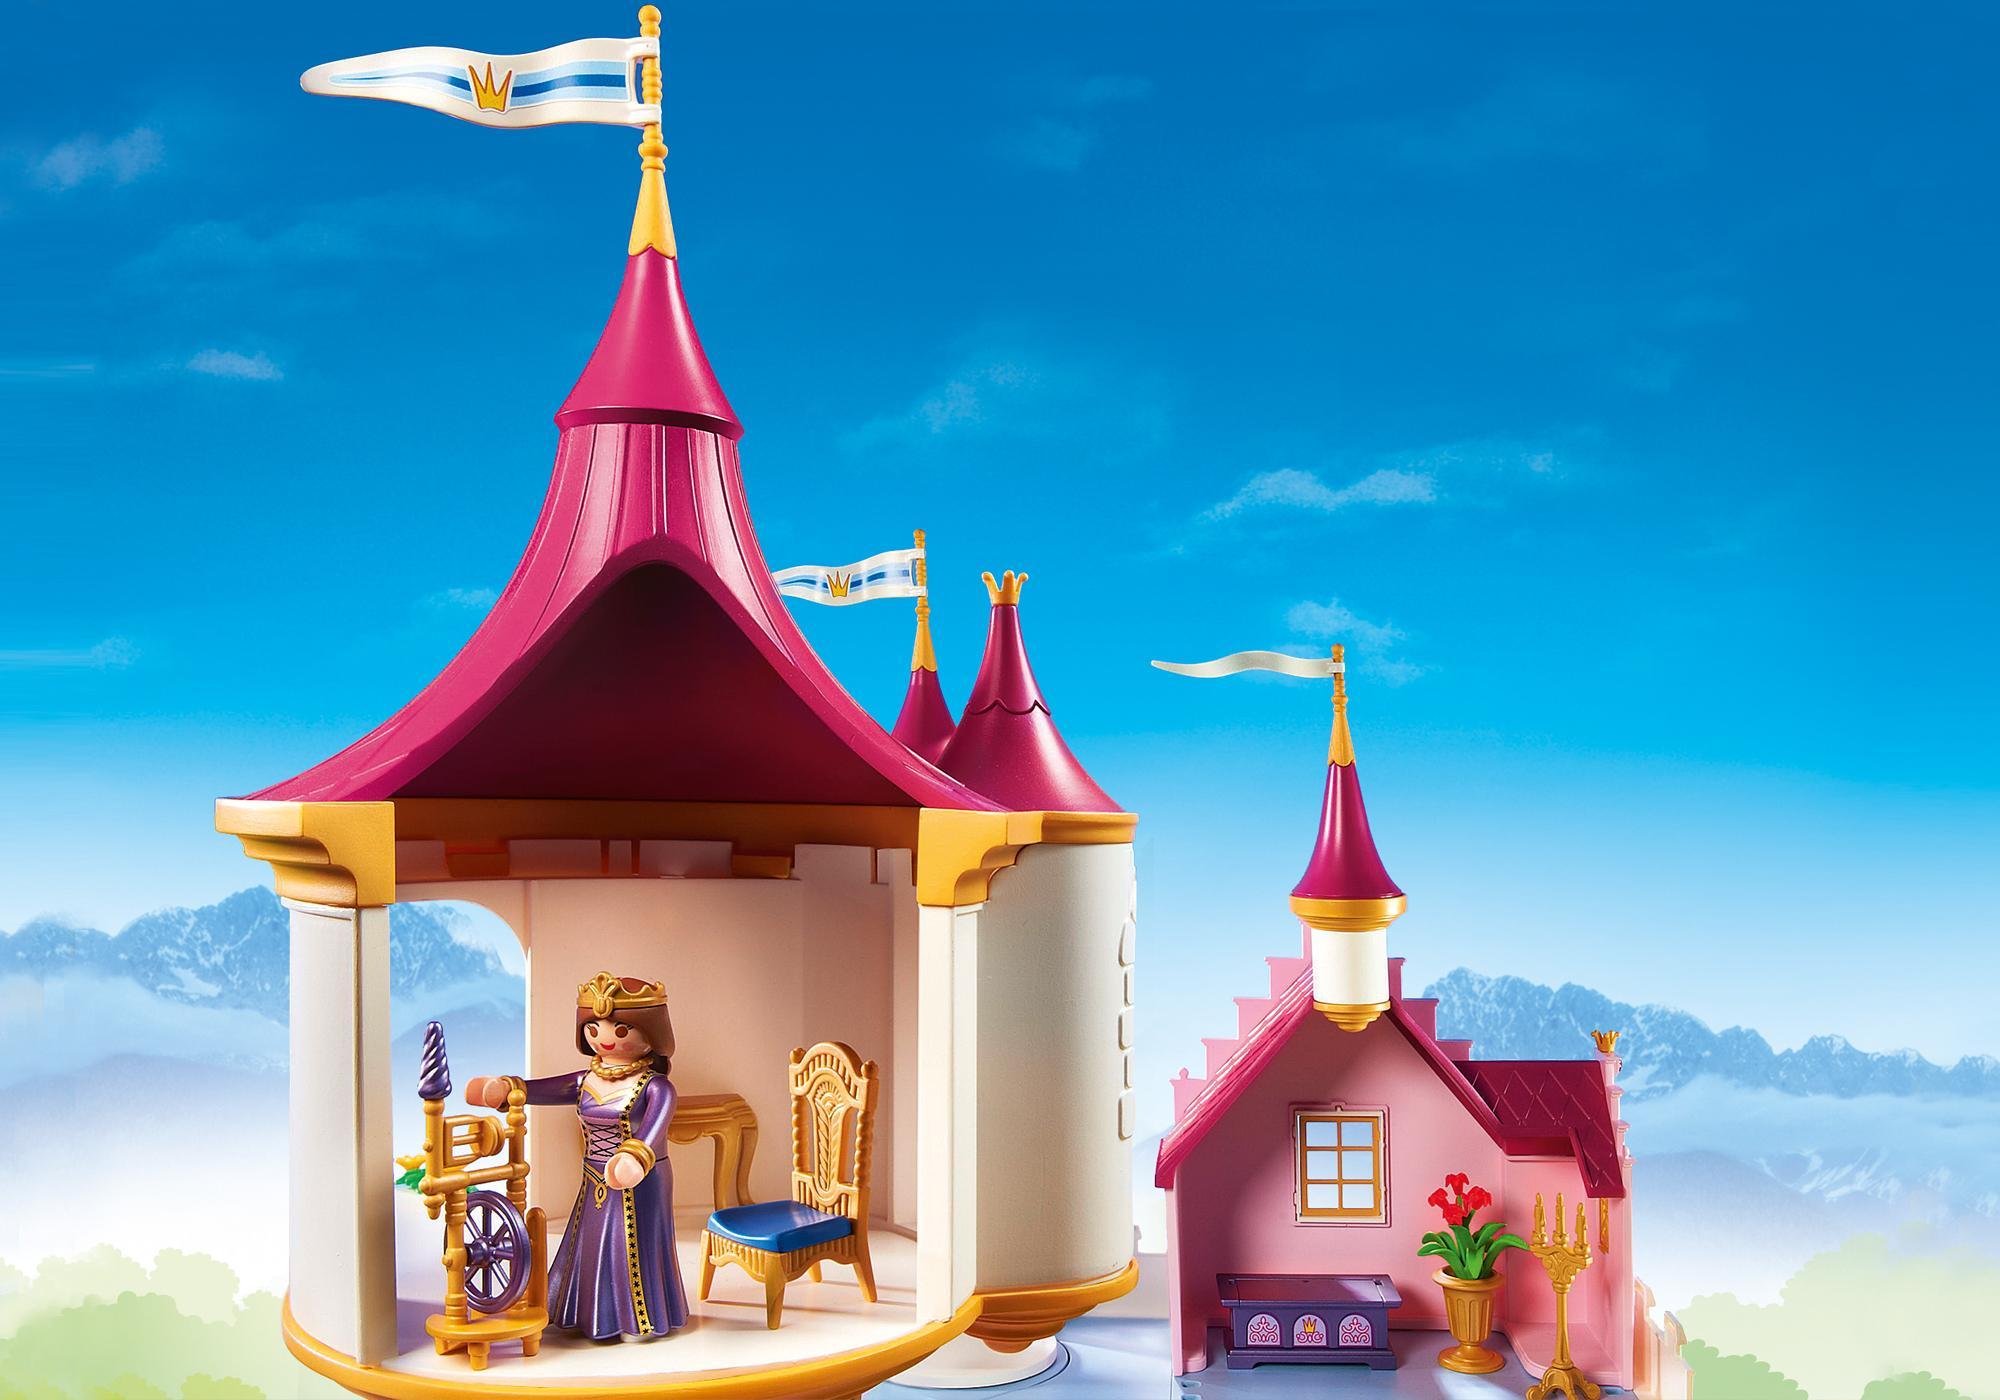 http://media.playmobil.com/i/playmobil/6848_product_extra2/Grand château de princesse